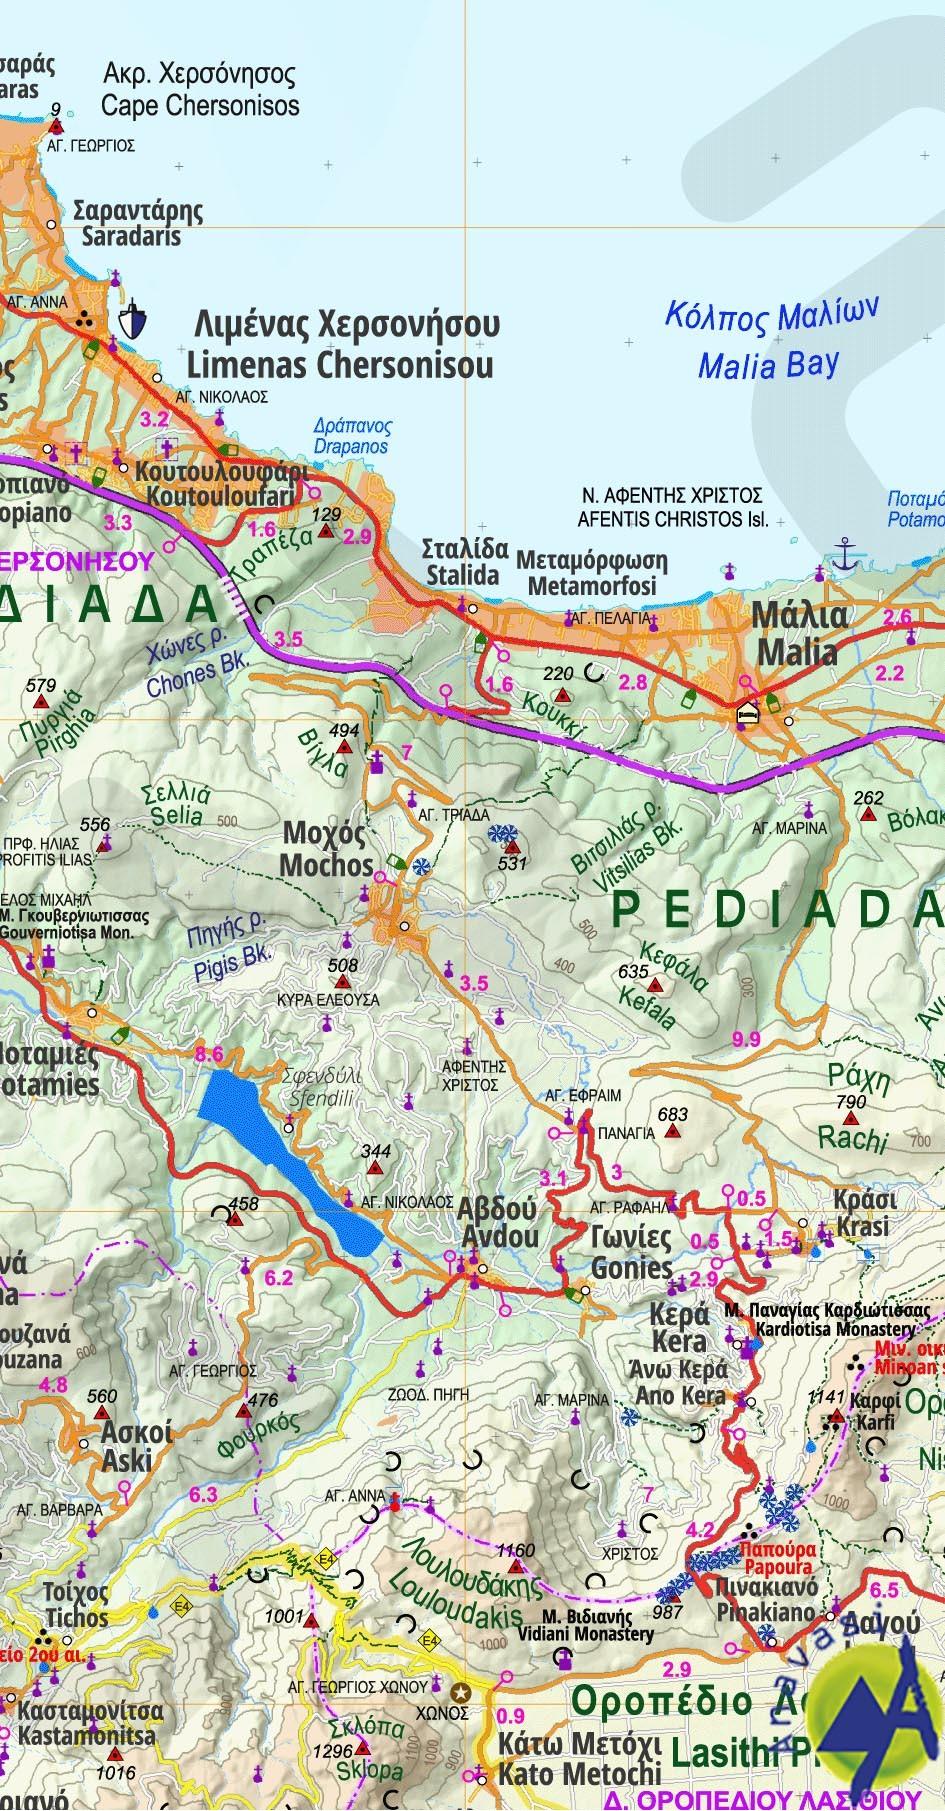 Lasithi , Lefki & Chrysi • Road map 1:100.000